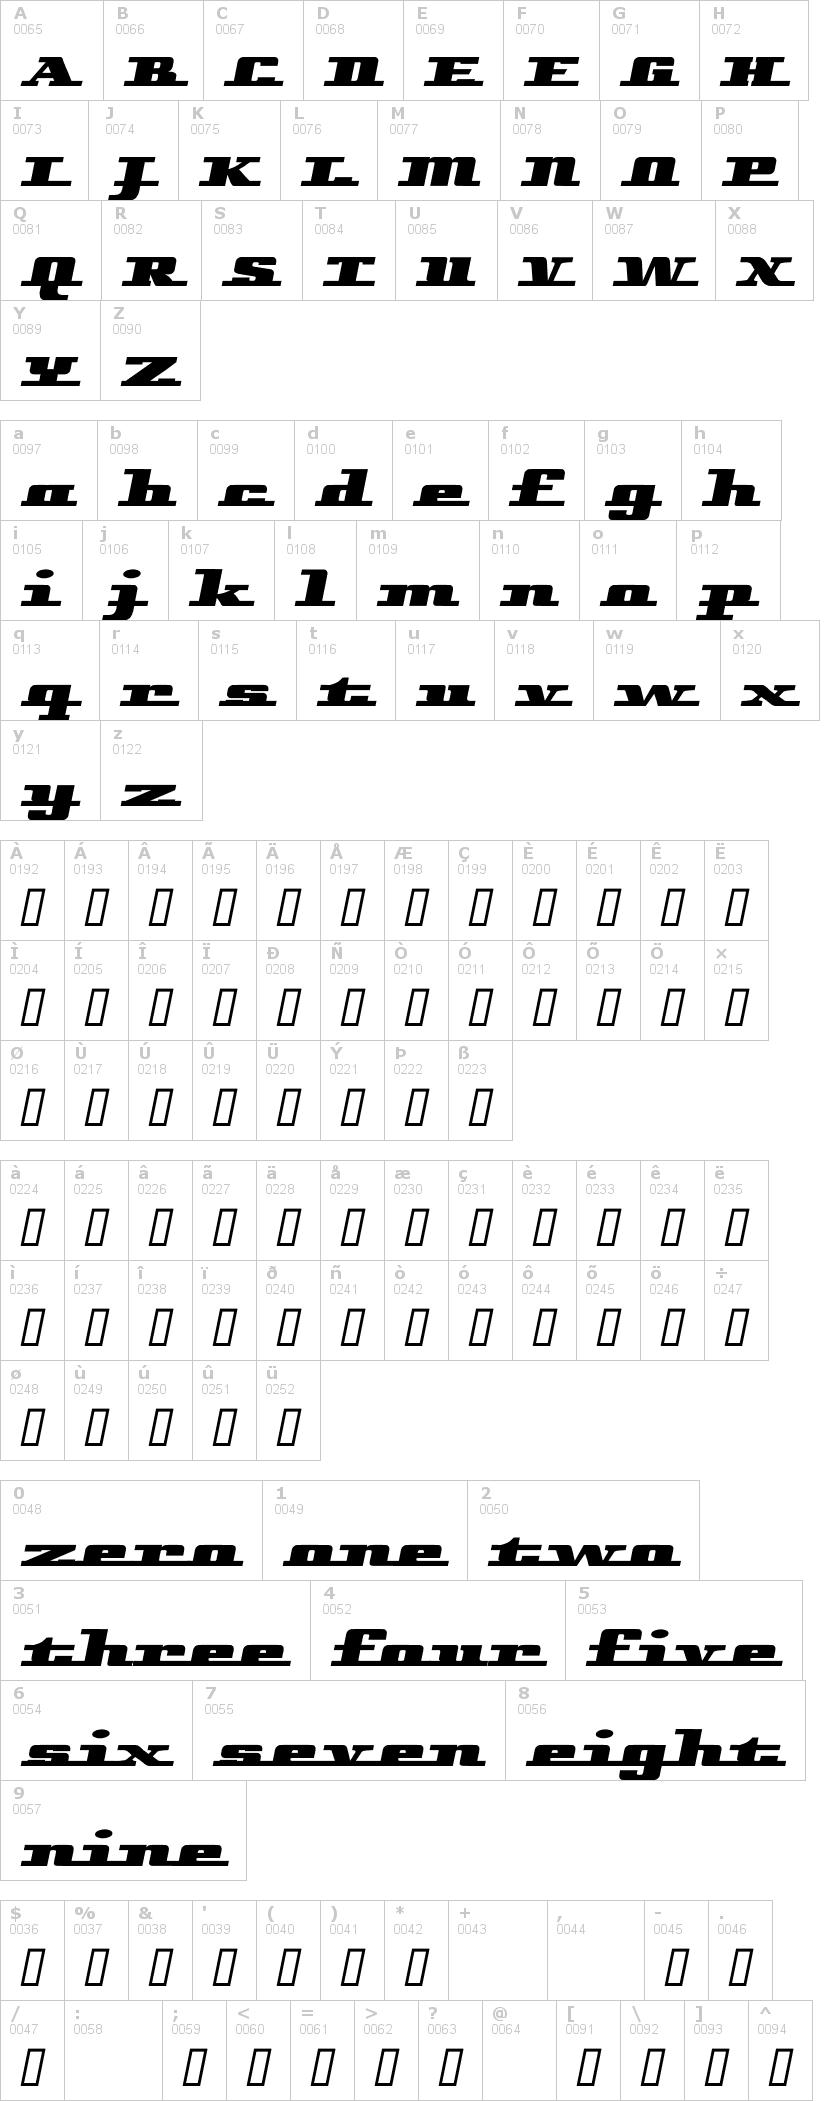 Lettere dell'alfabeto del font remarcle con le quali è possibile realizzare adesivi prespaziati